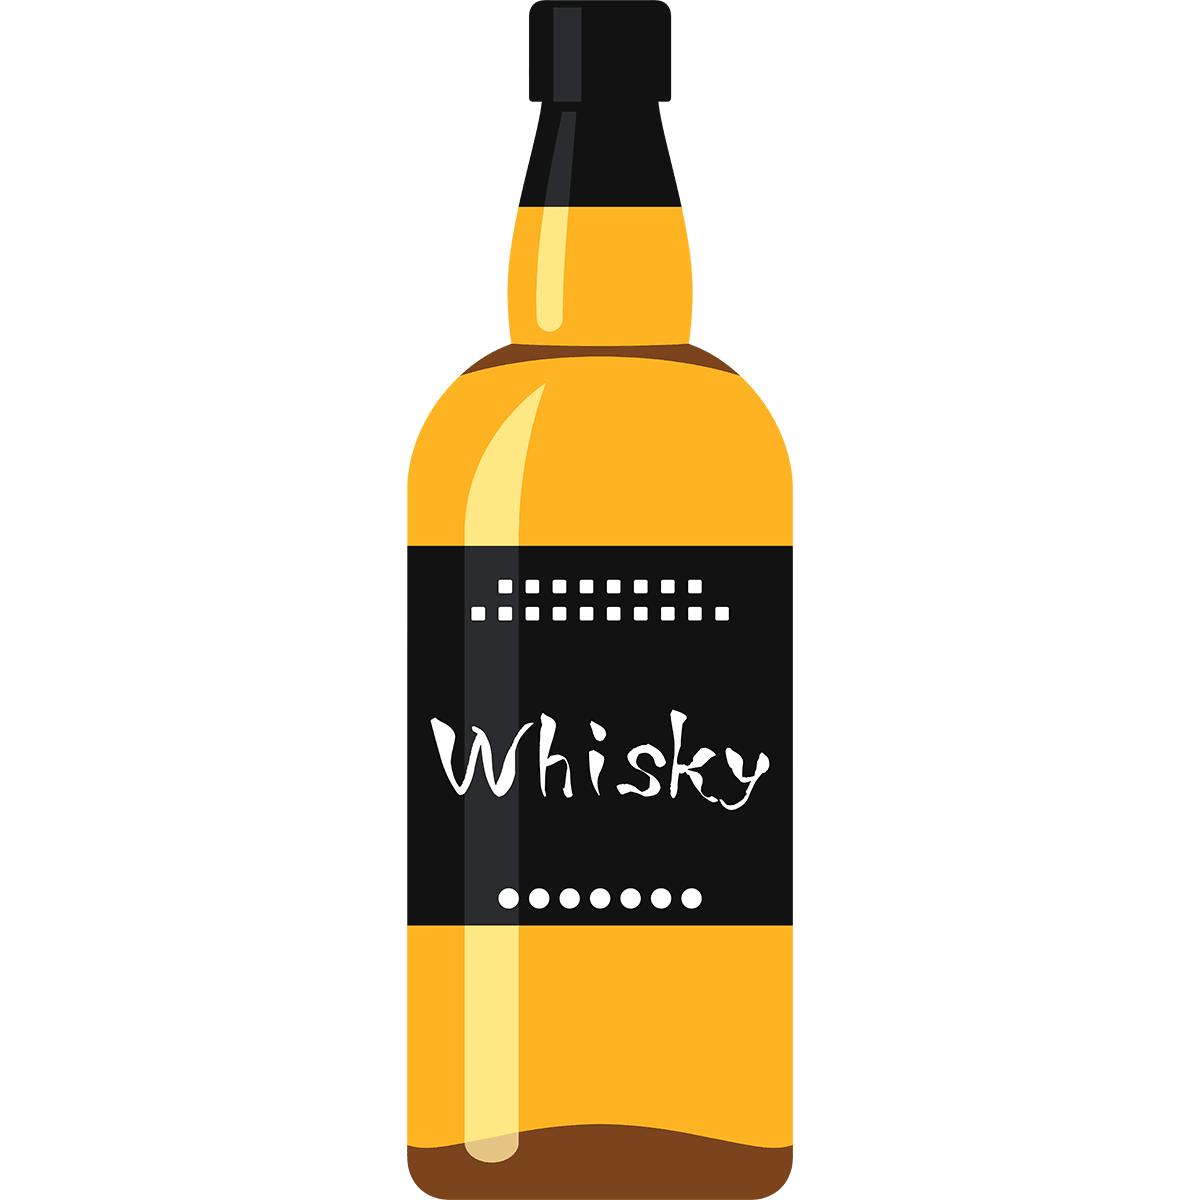 ウイスキーの無料イラスト